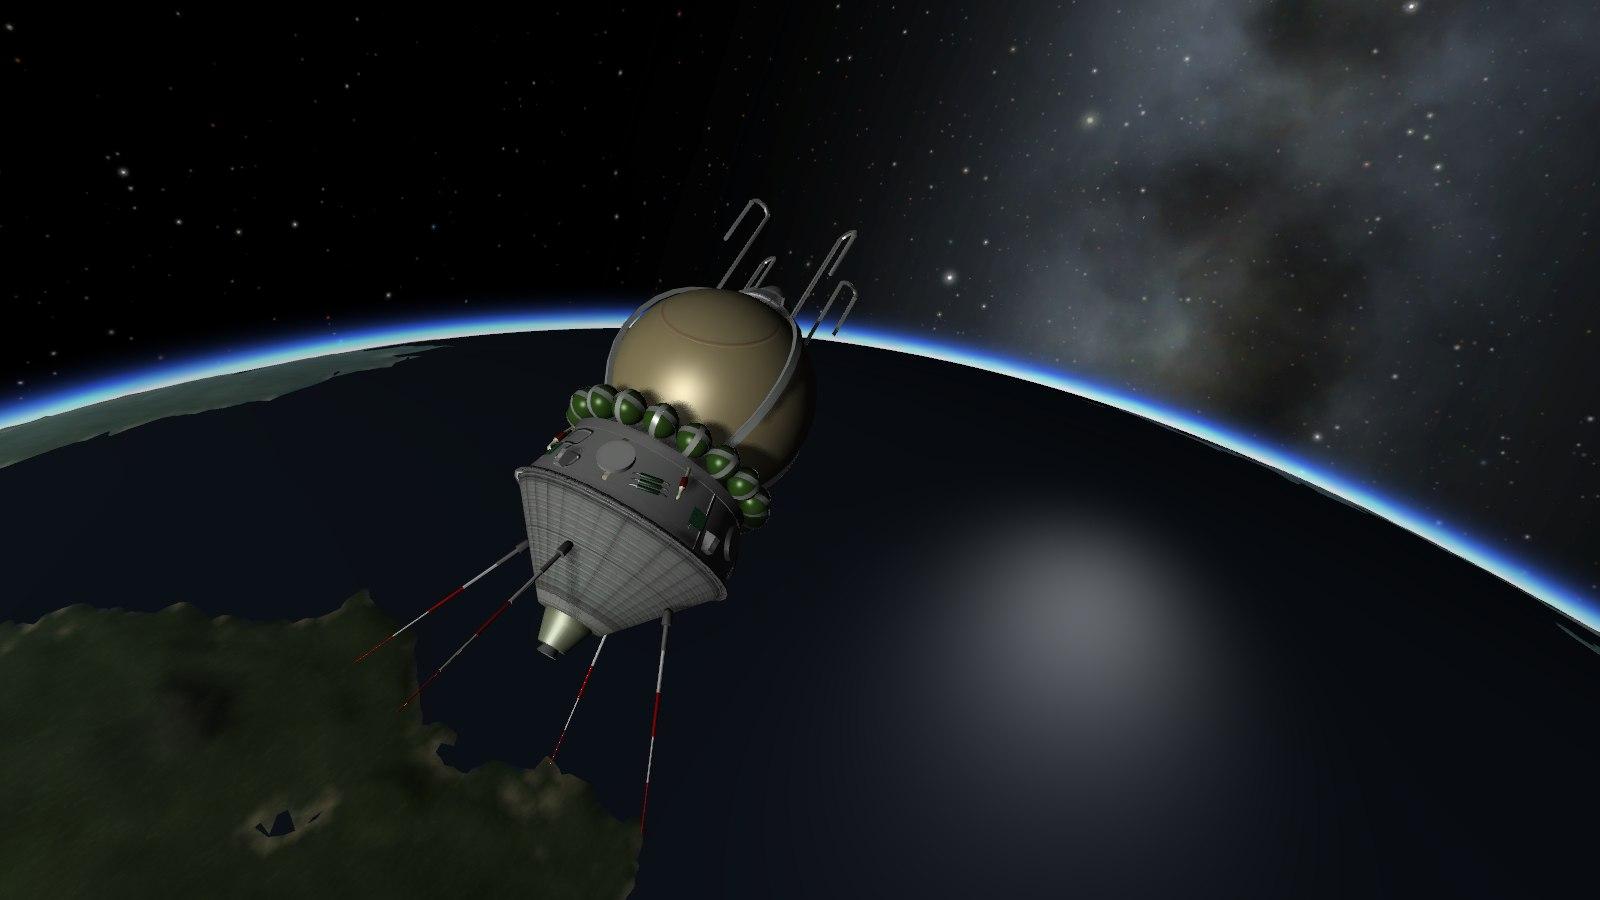 spacecraft ksp - photo #44